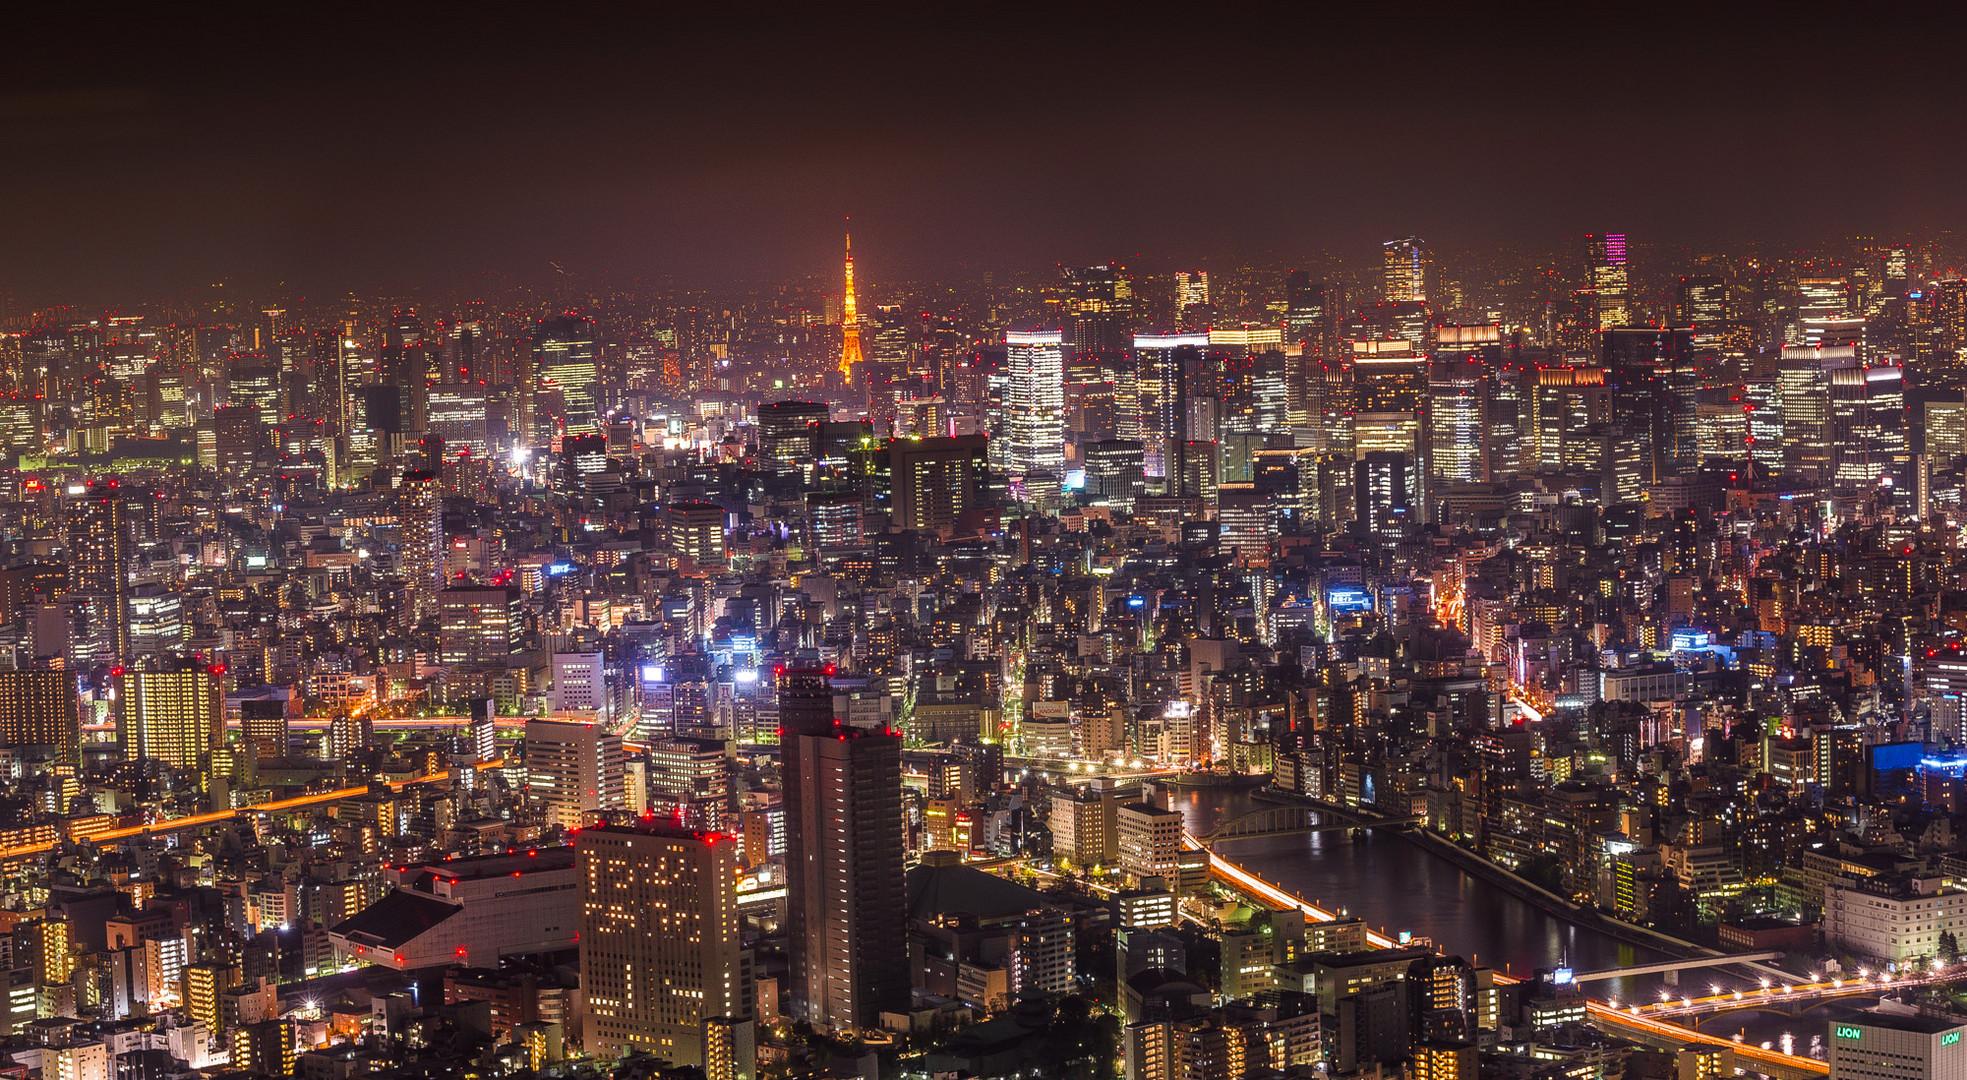 Die Lichter von Tokyo